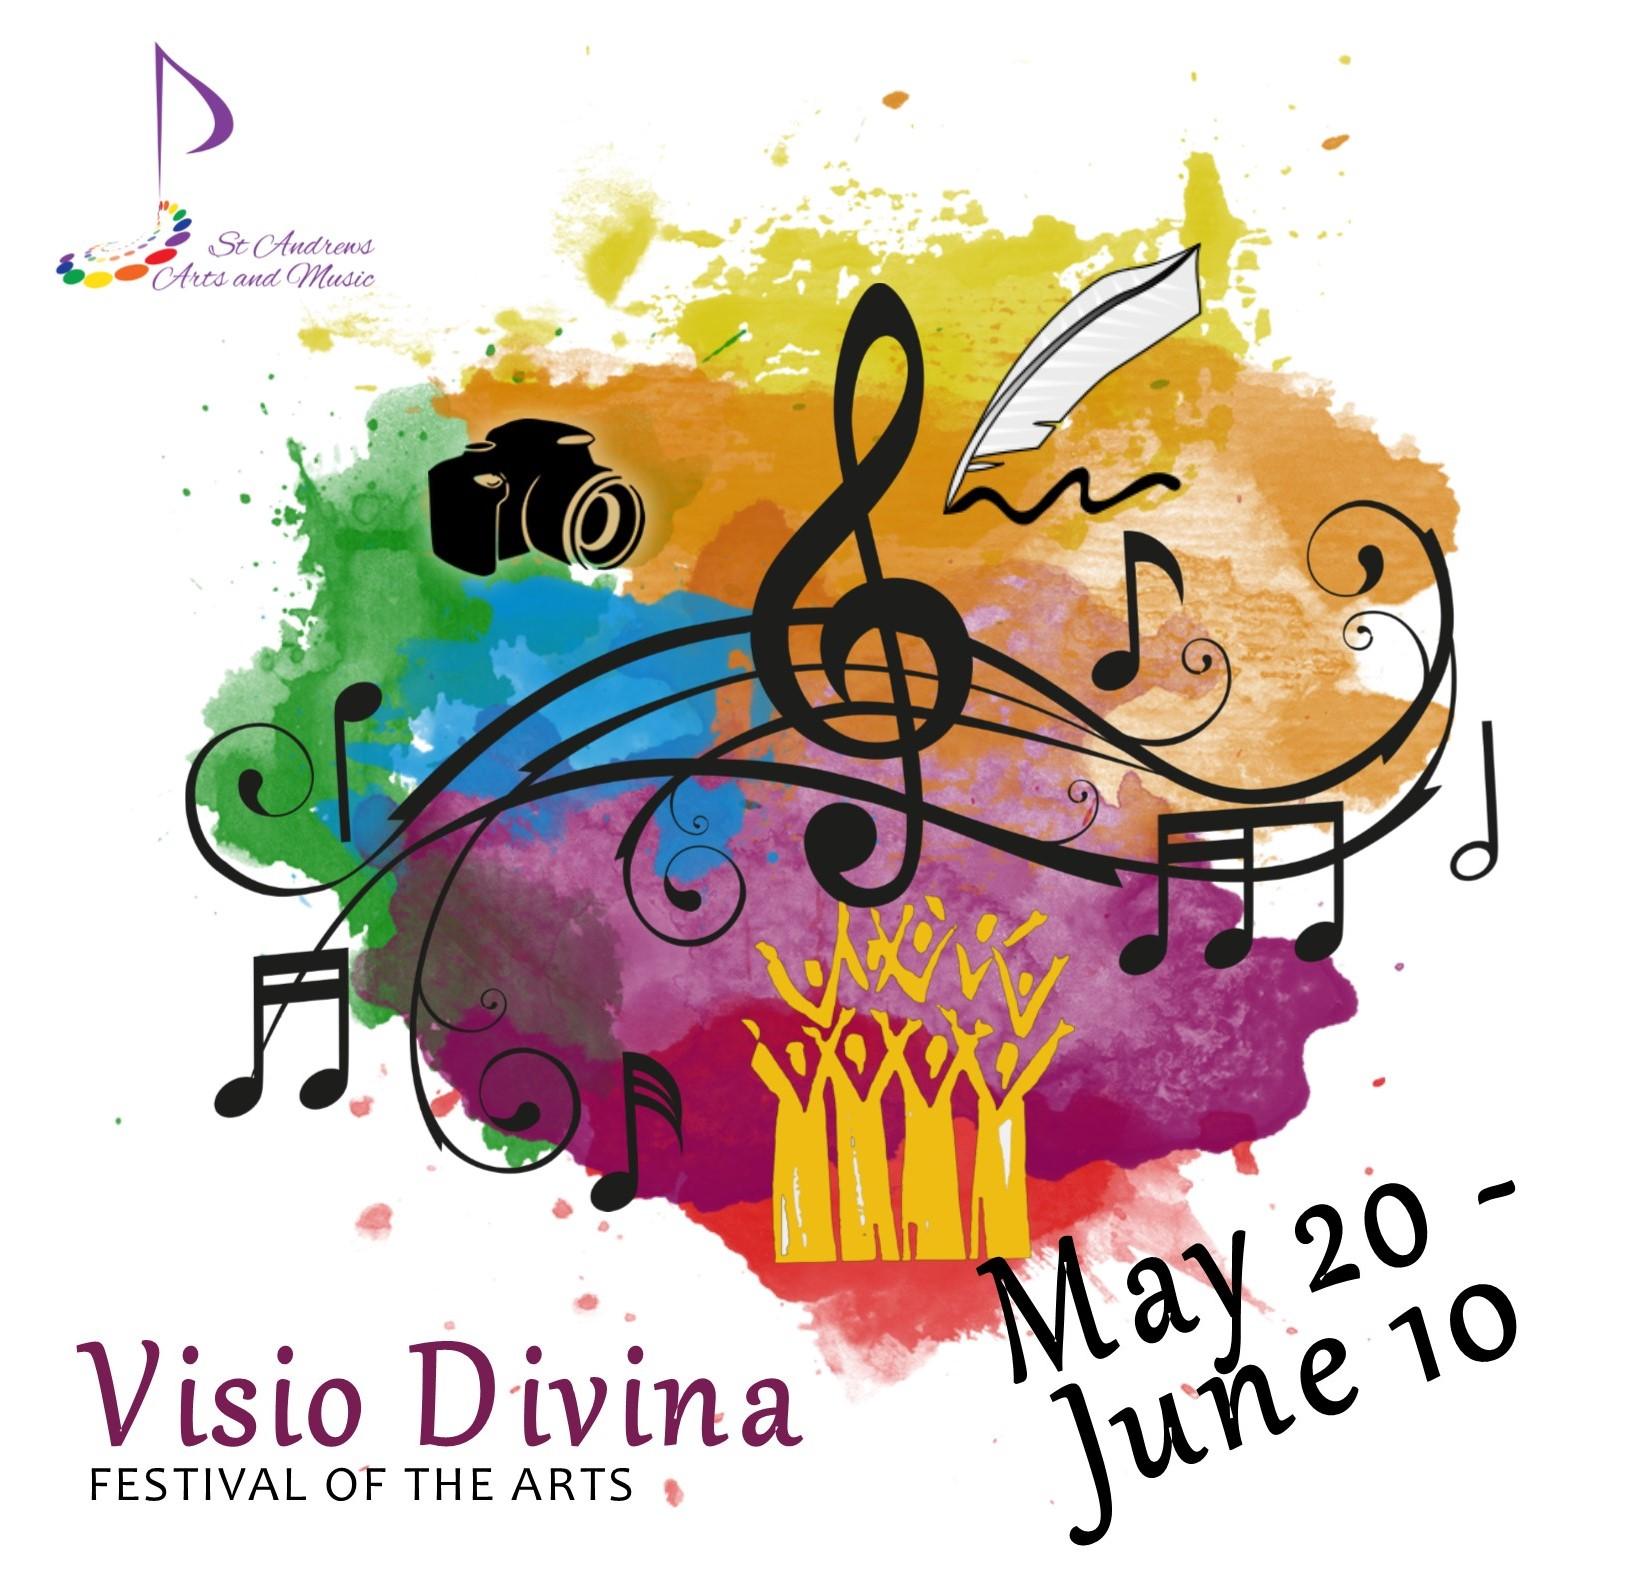 2018 Visio Divina Poster